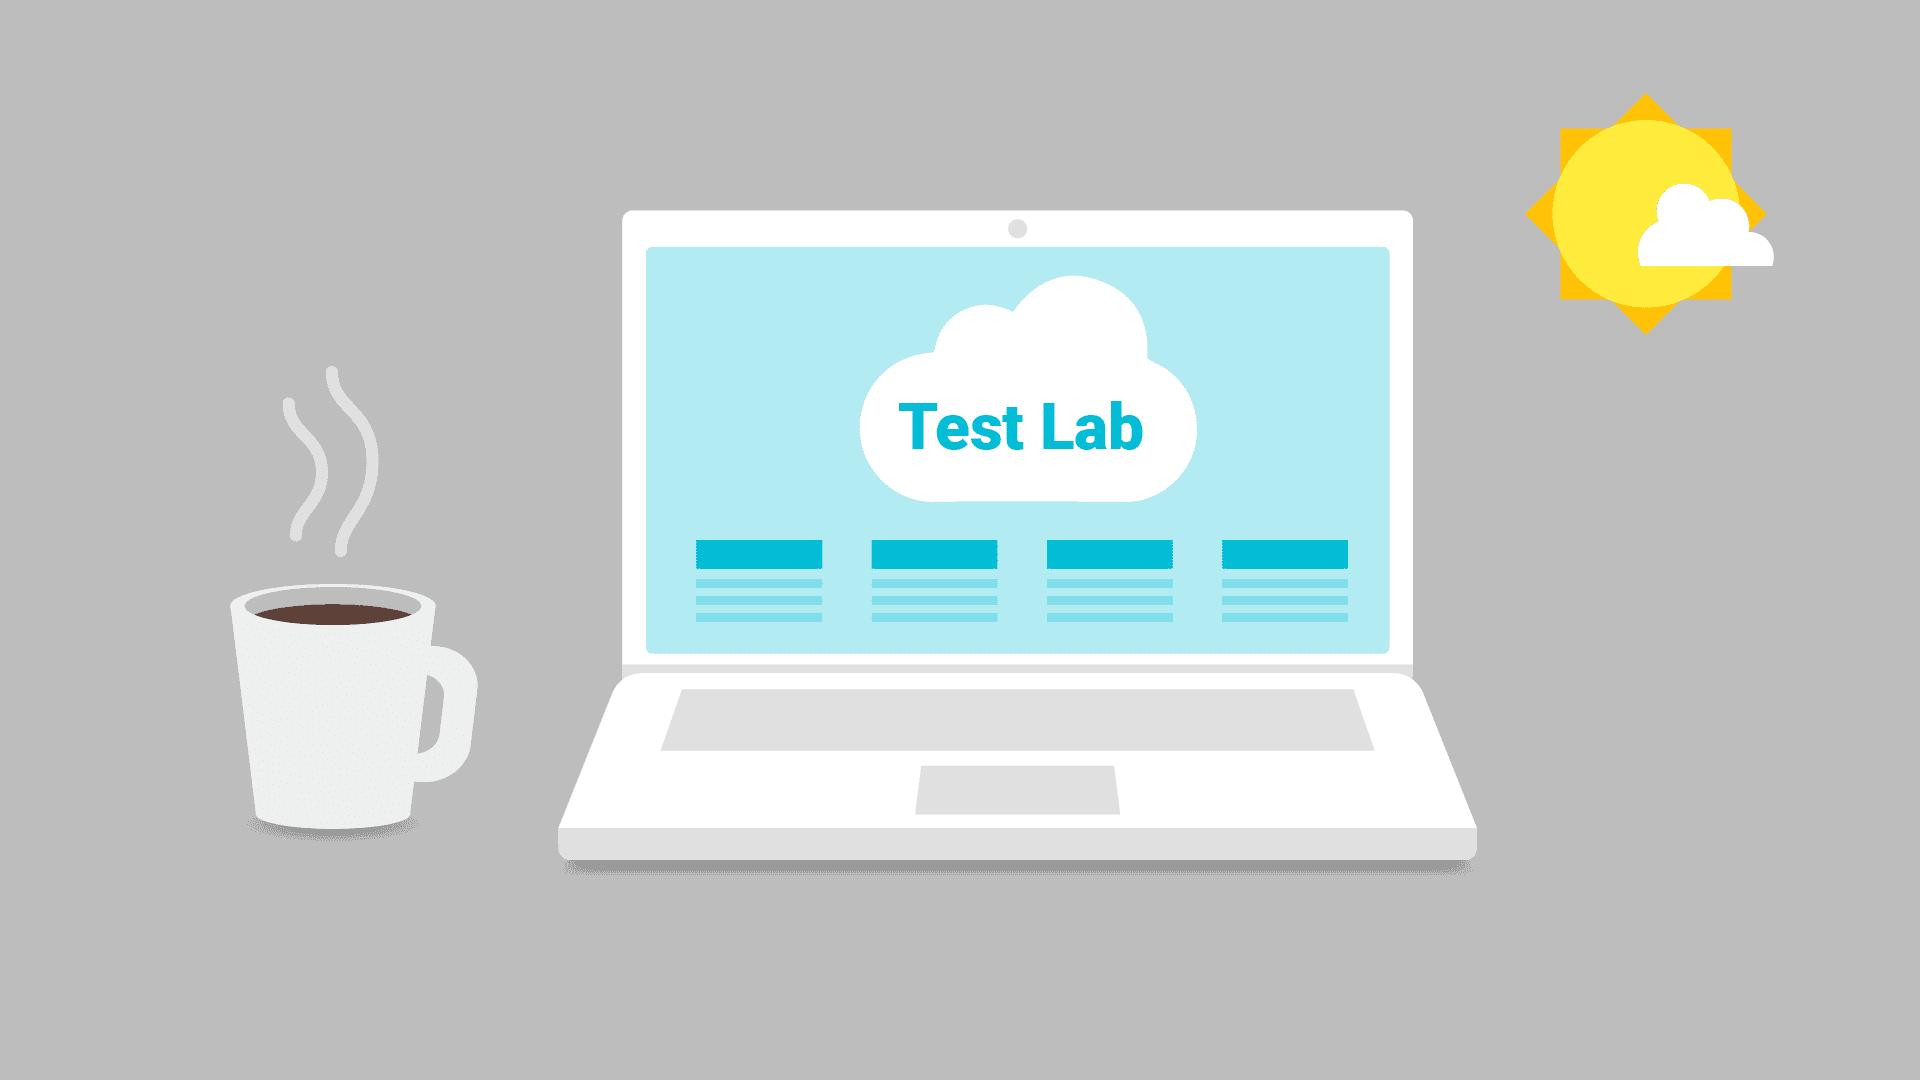 Test Lab が画面に表示されているラップトップ